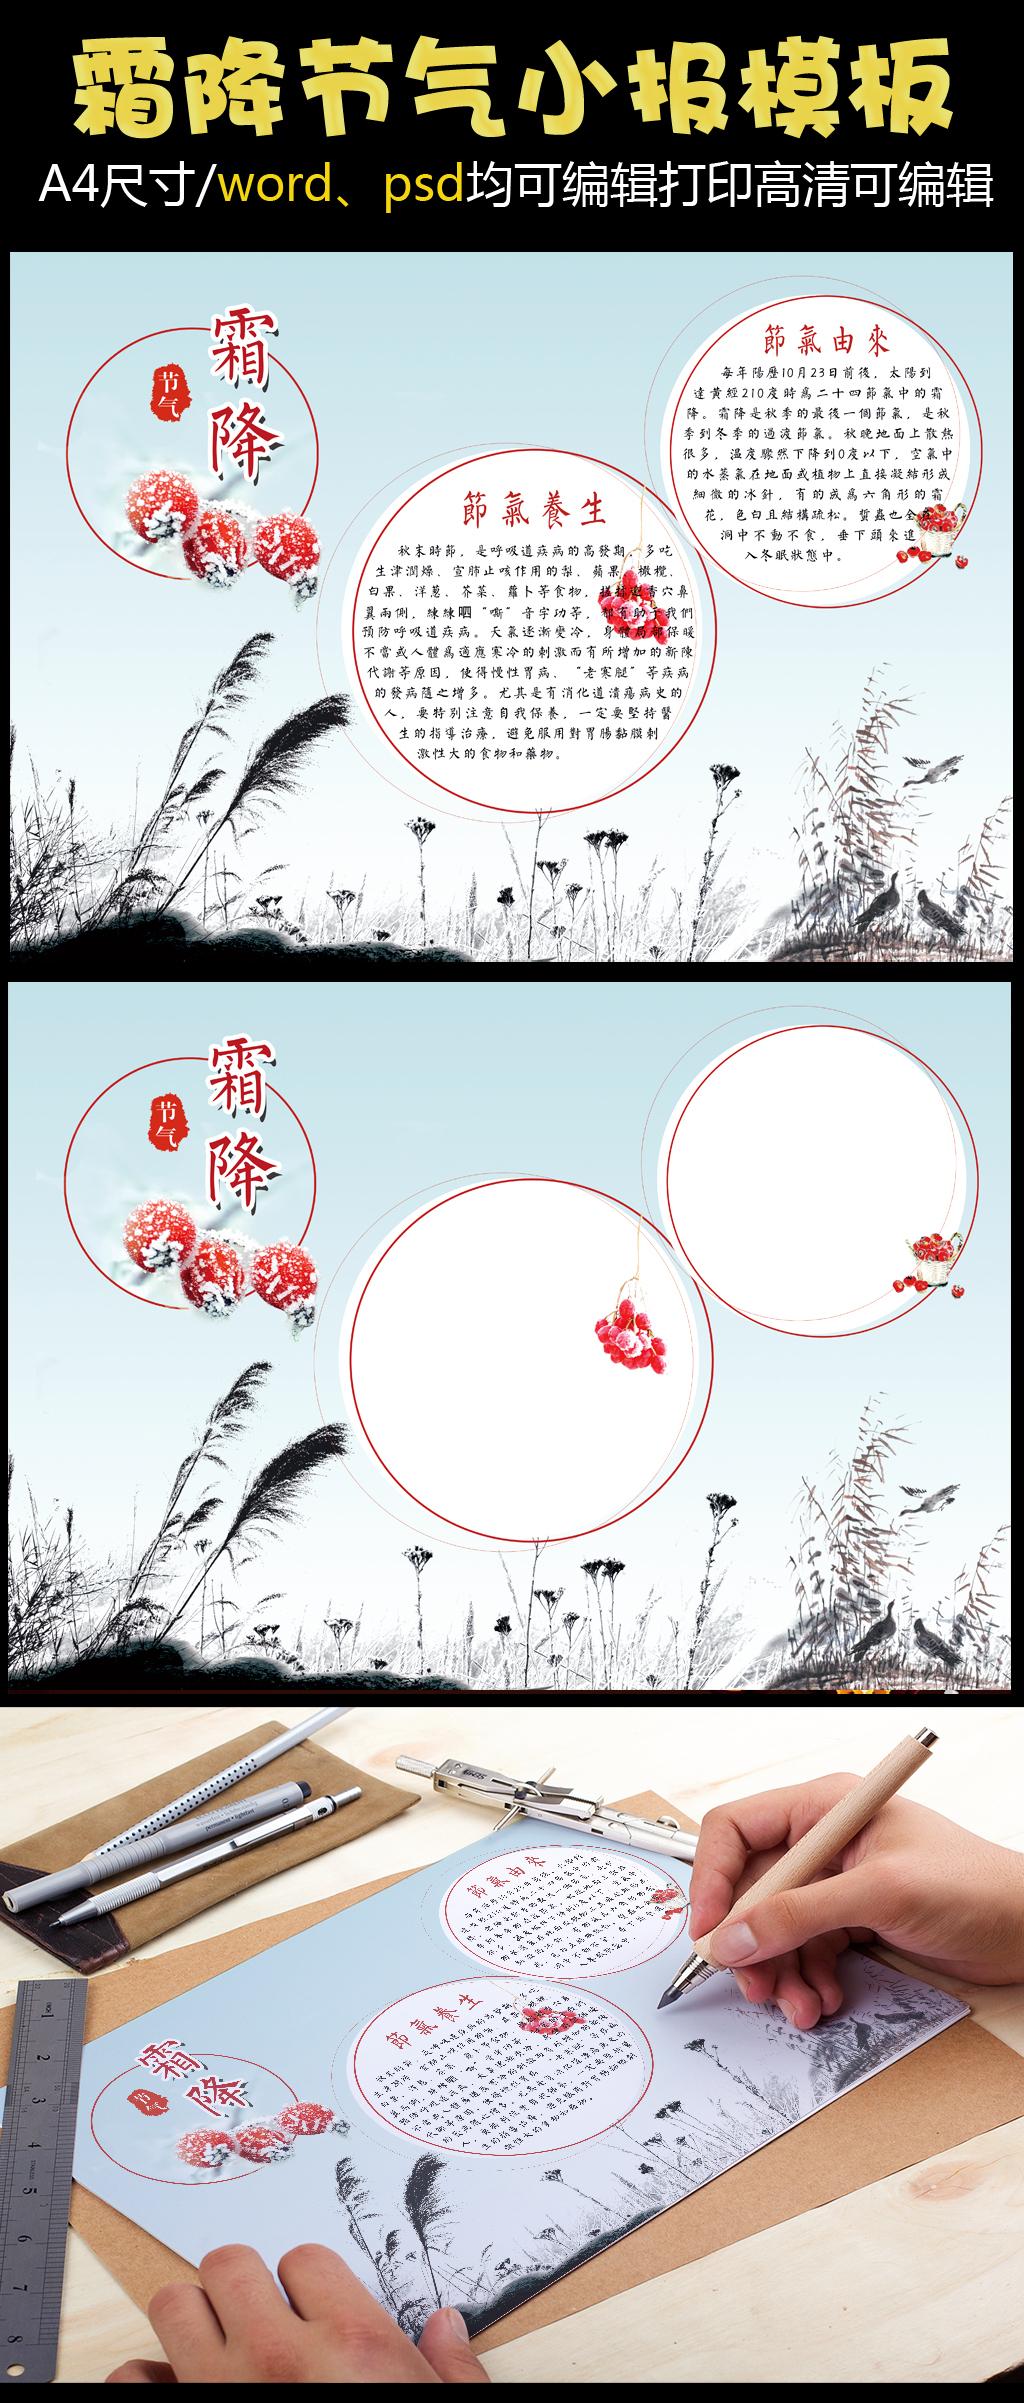 霜降小报二十四节气手抄报图片设计素材 高清PSD模板下载 82.58MB